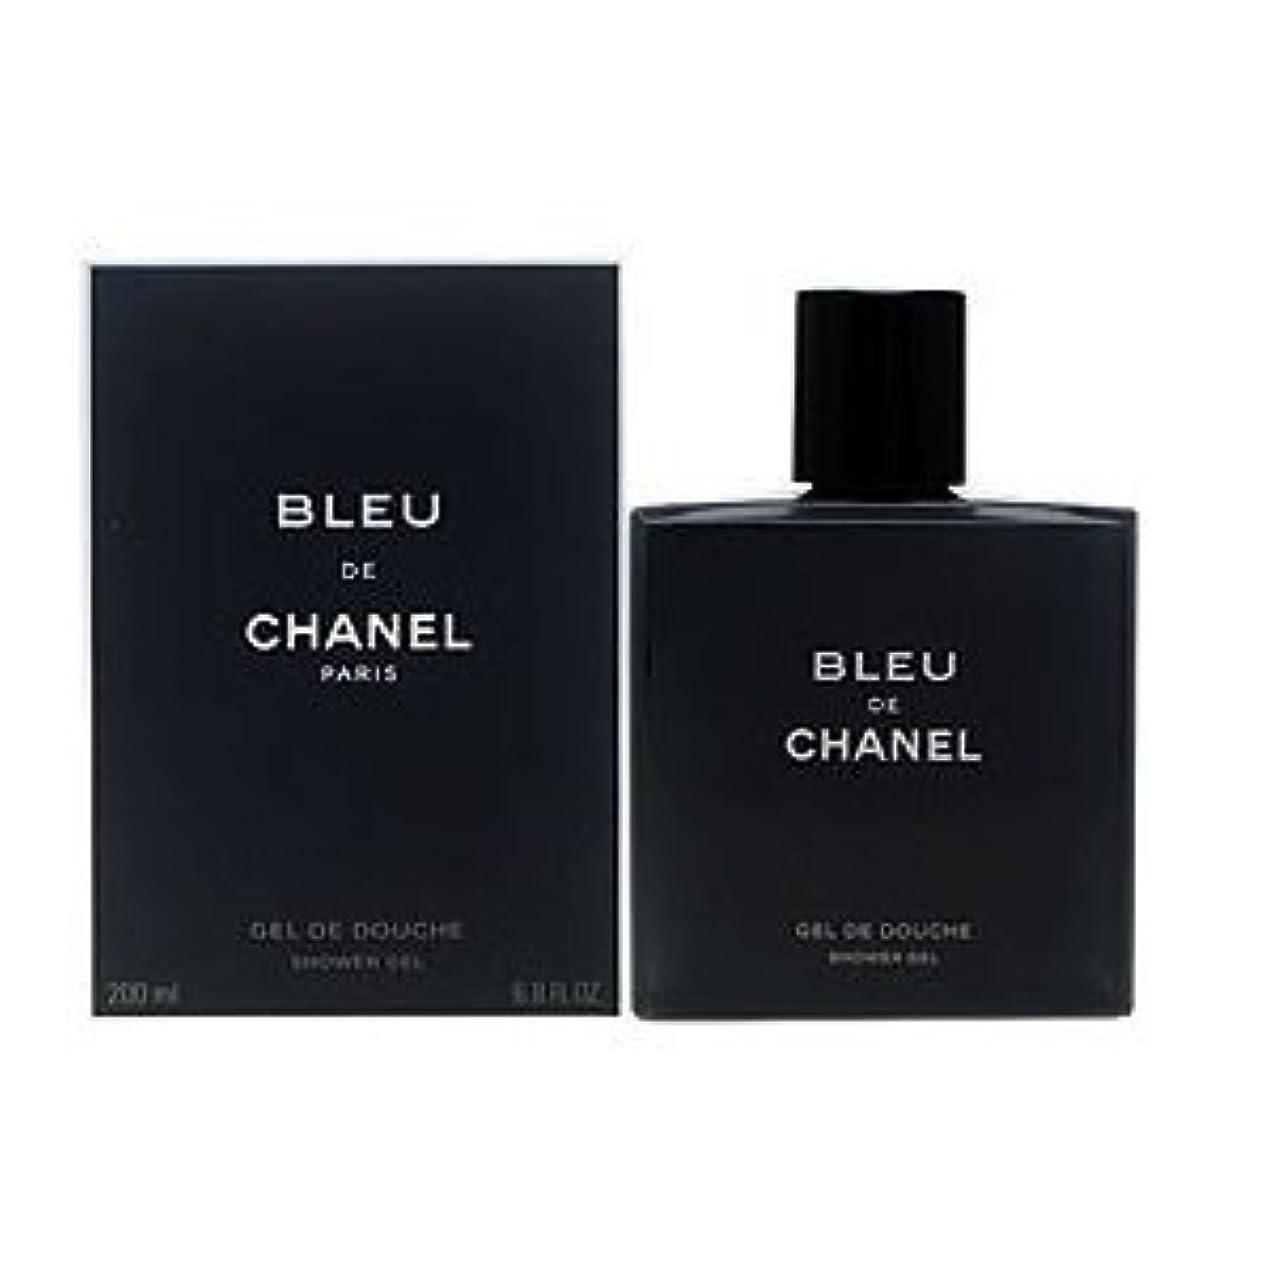 飢え九月特別なシャネル CHANEL ブルー ドゥ シャネル ボディ ウォッシュ 200ml